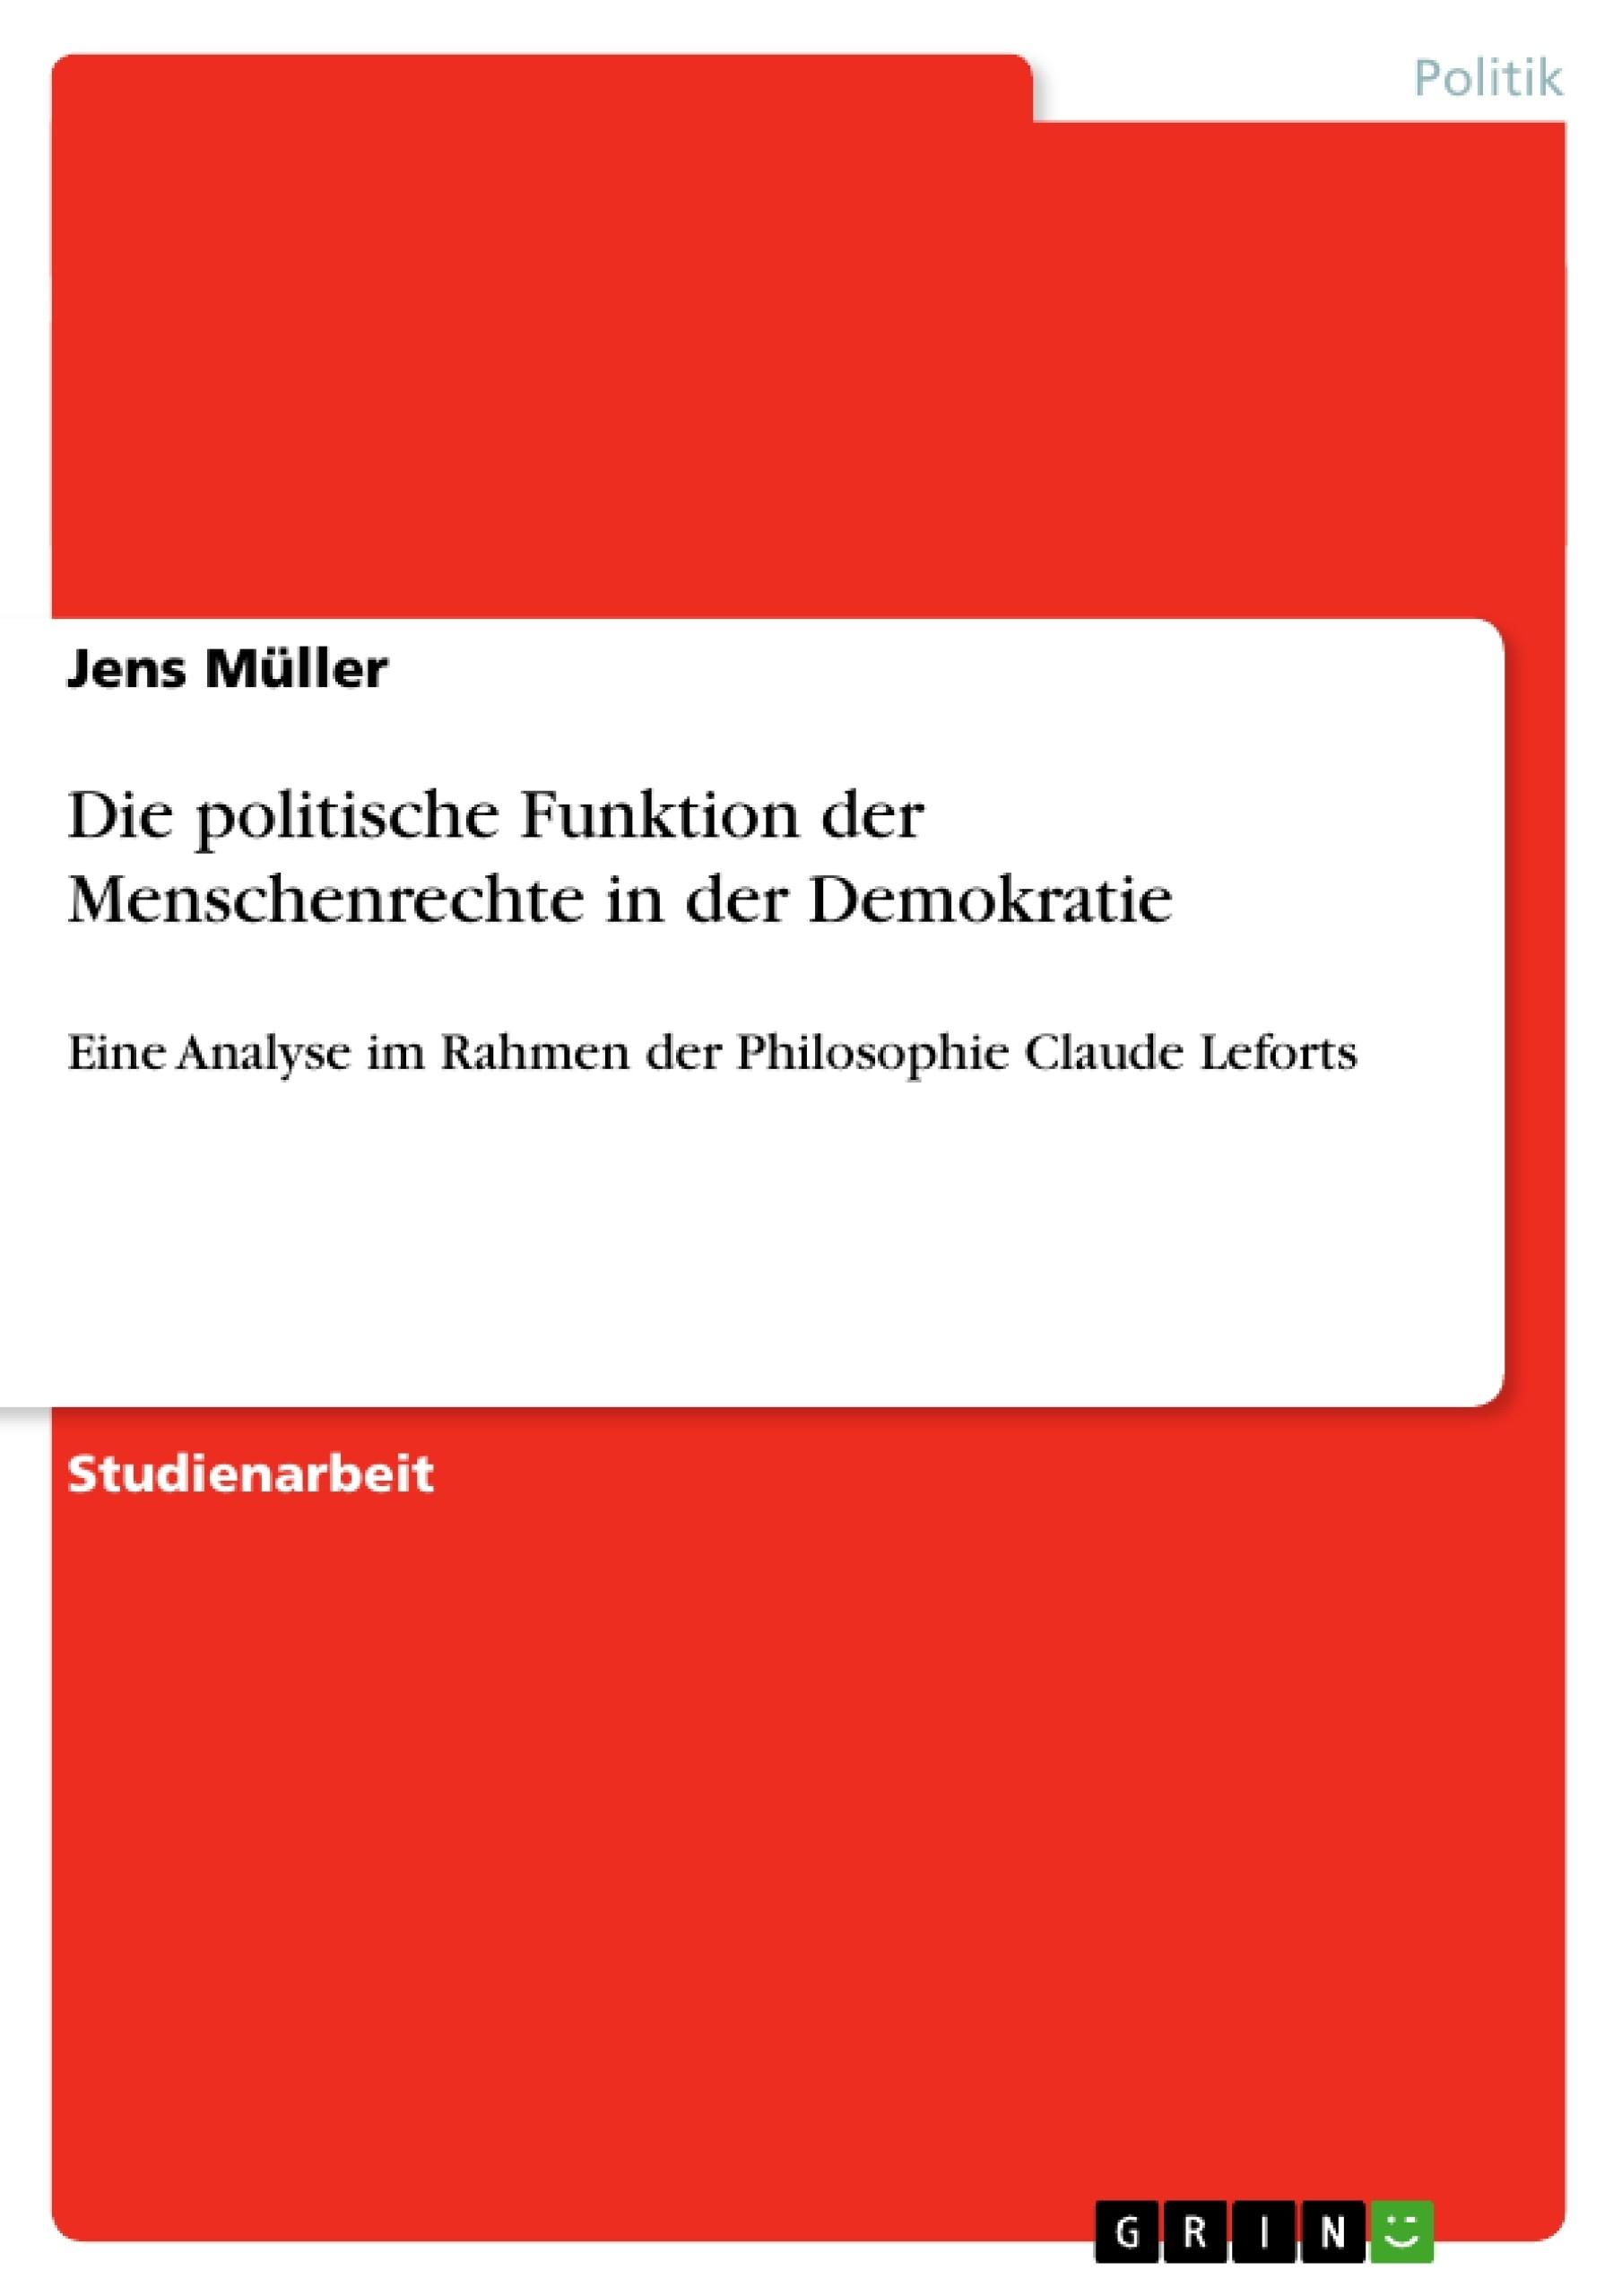 Titel: Die politische Funktion der Menschenrechte in der Demokratie